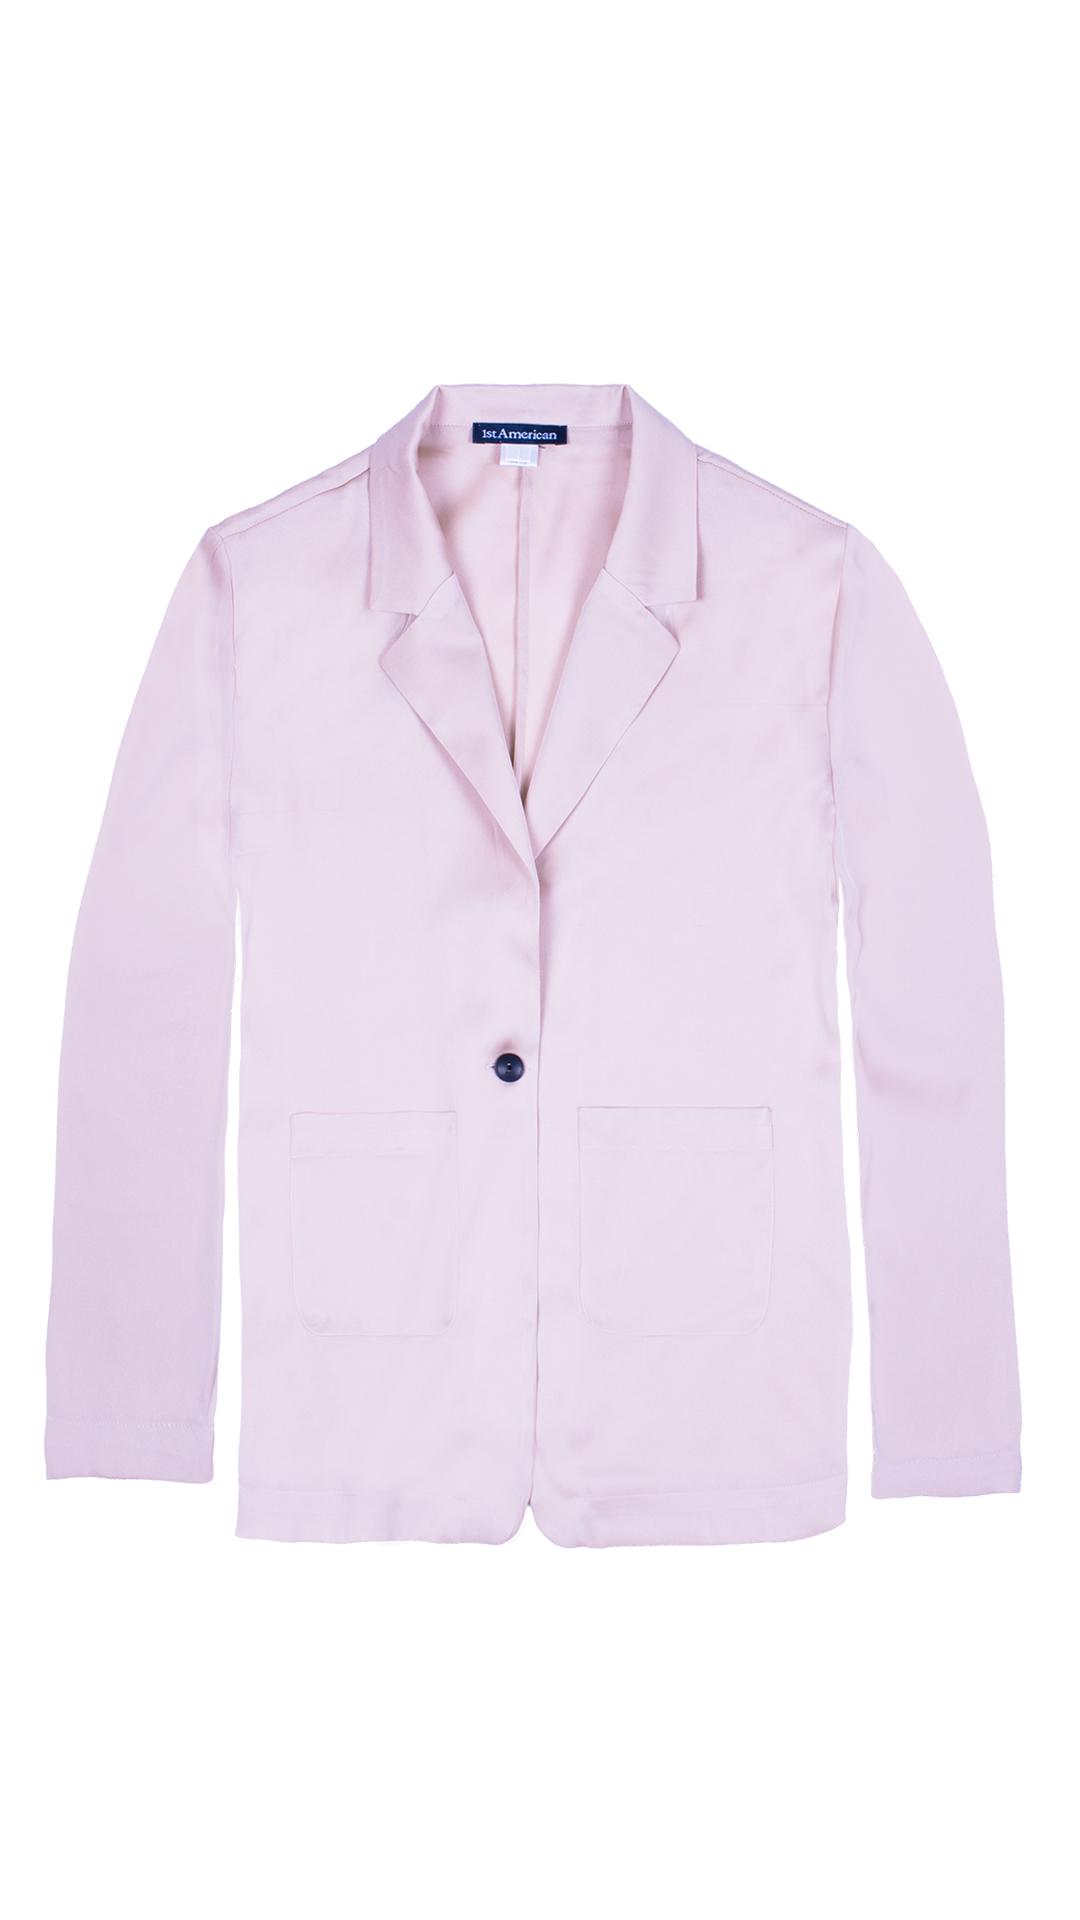 GIASILK01 BEIGE GIACCA DONNA MANICA LUNGA 3 1stAmerican giacca da donna 100% pura seta manica 3/4 - elegante camicia in seta da donna